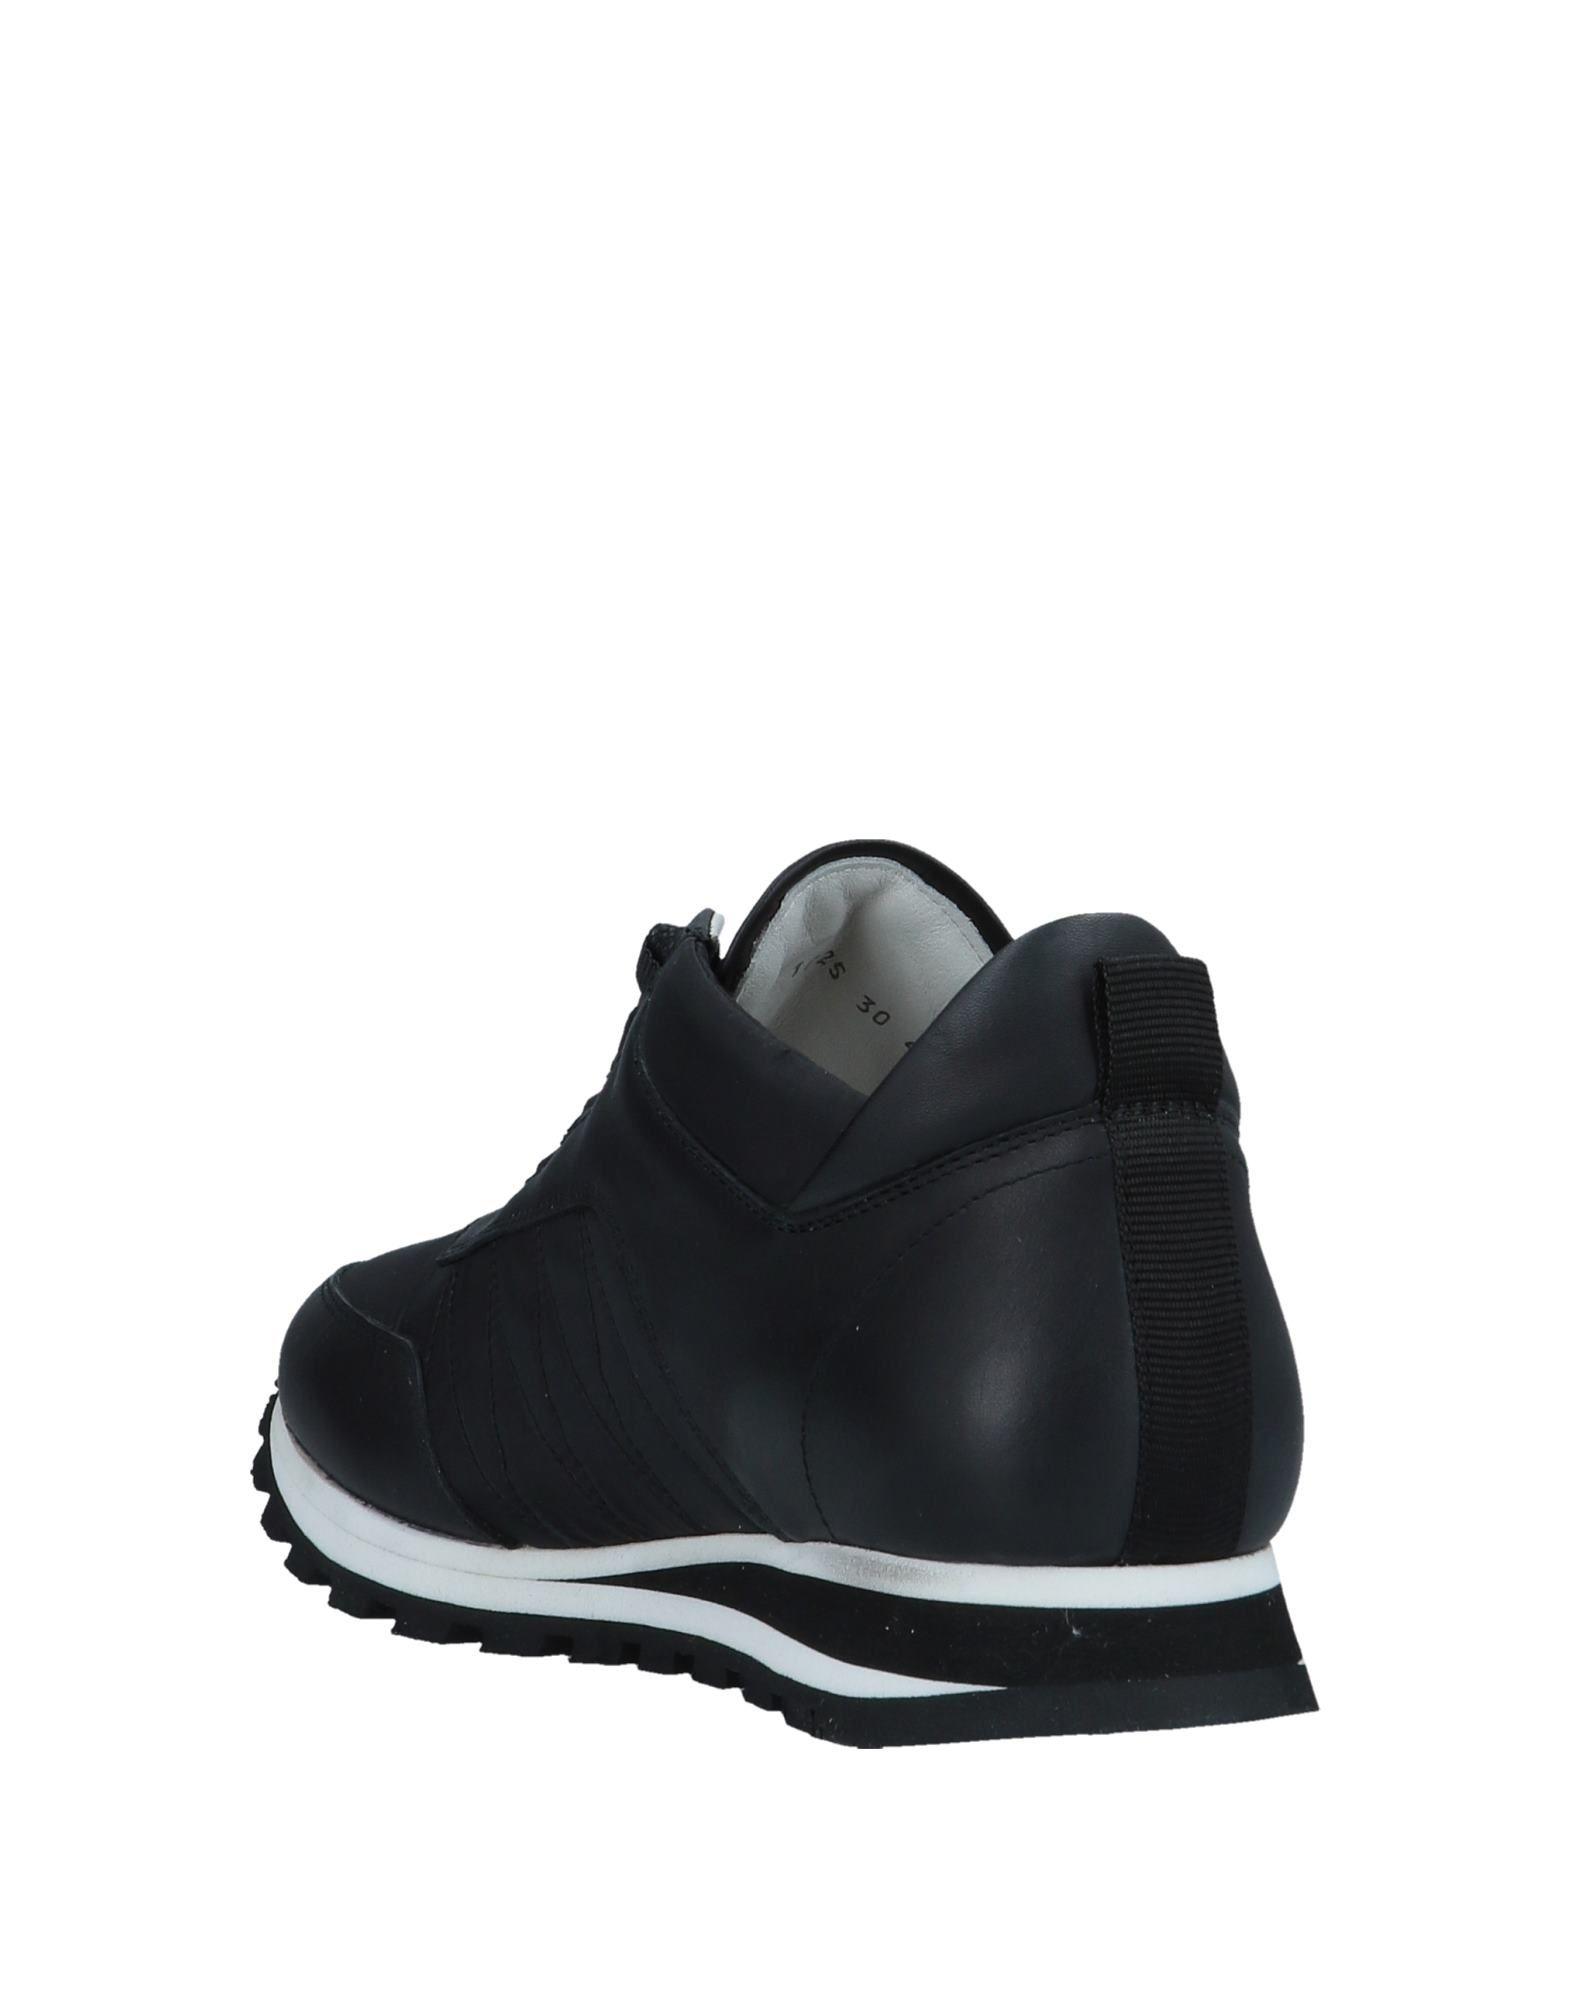 Dirk 11565173FW Bikkembergs Sneakers Herren  11565173FW Dirk Gute Qualität beliebte Schuhe 9e38d9